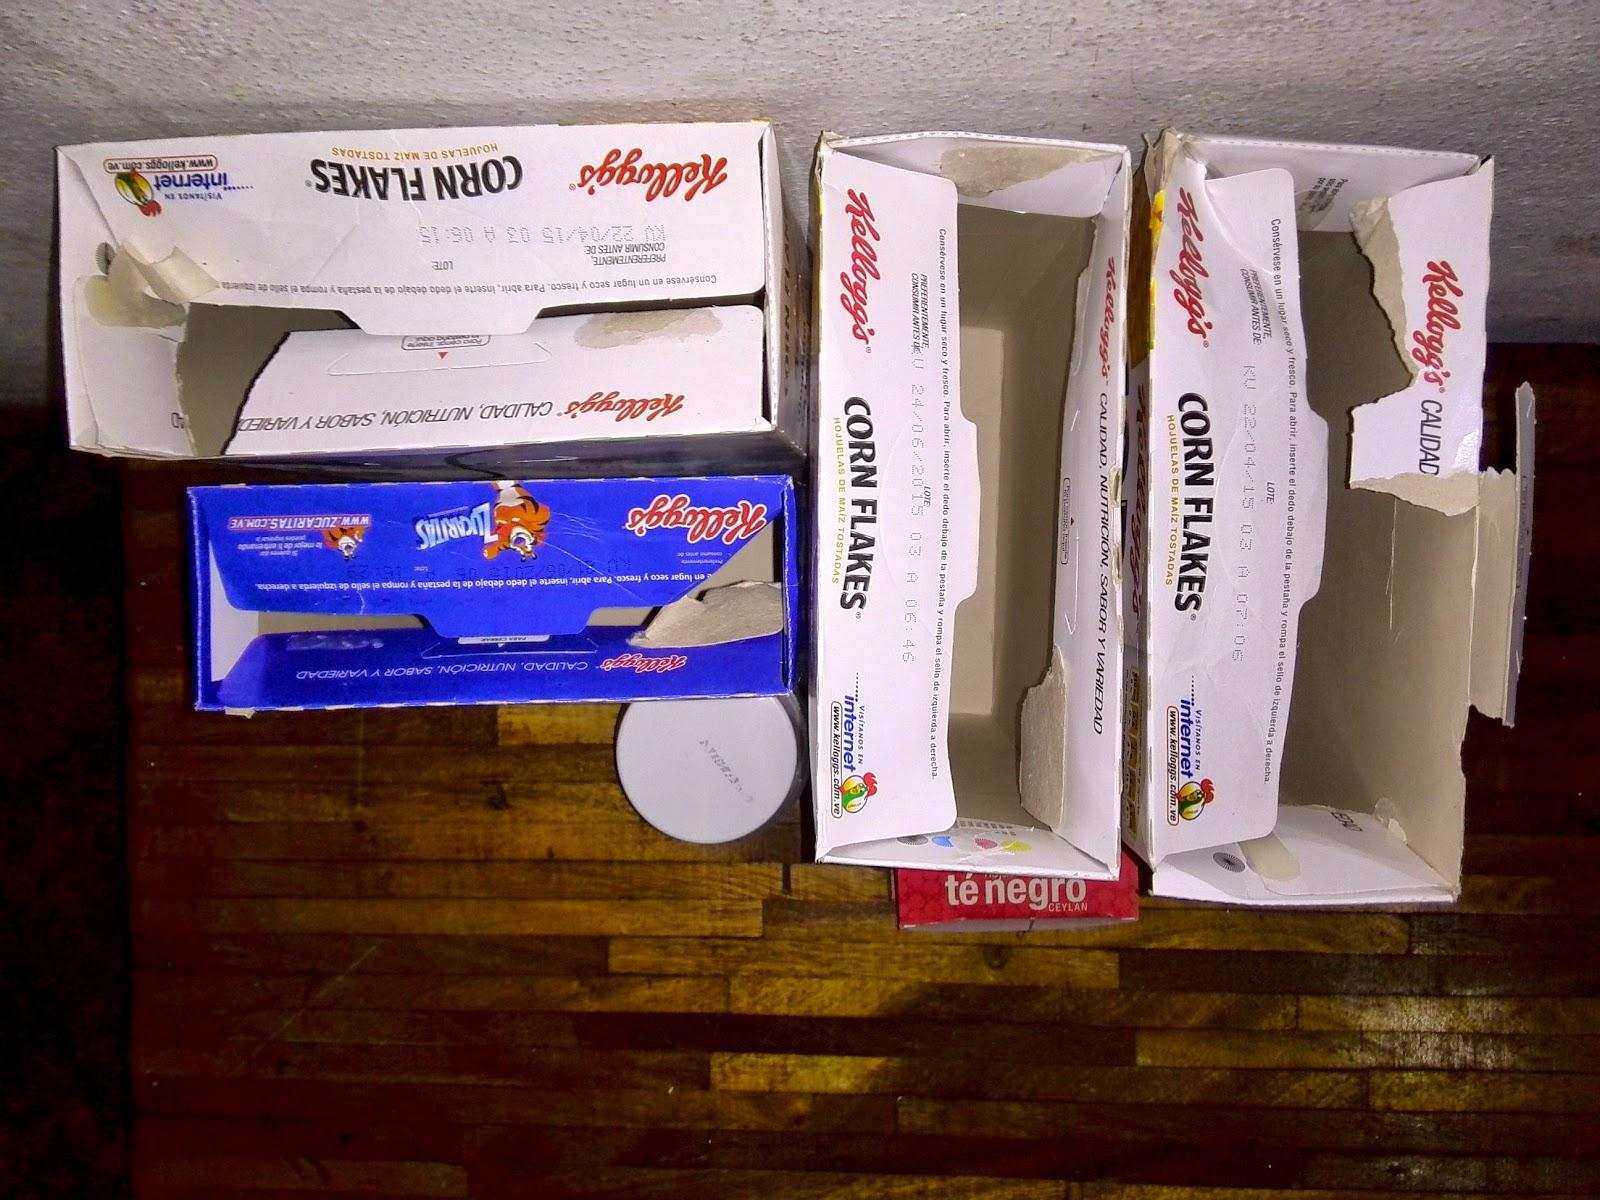 Manualidades para hacer con cajas de corn flakes - Manualidades con cajas ...